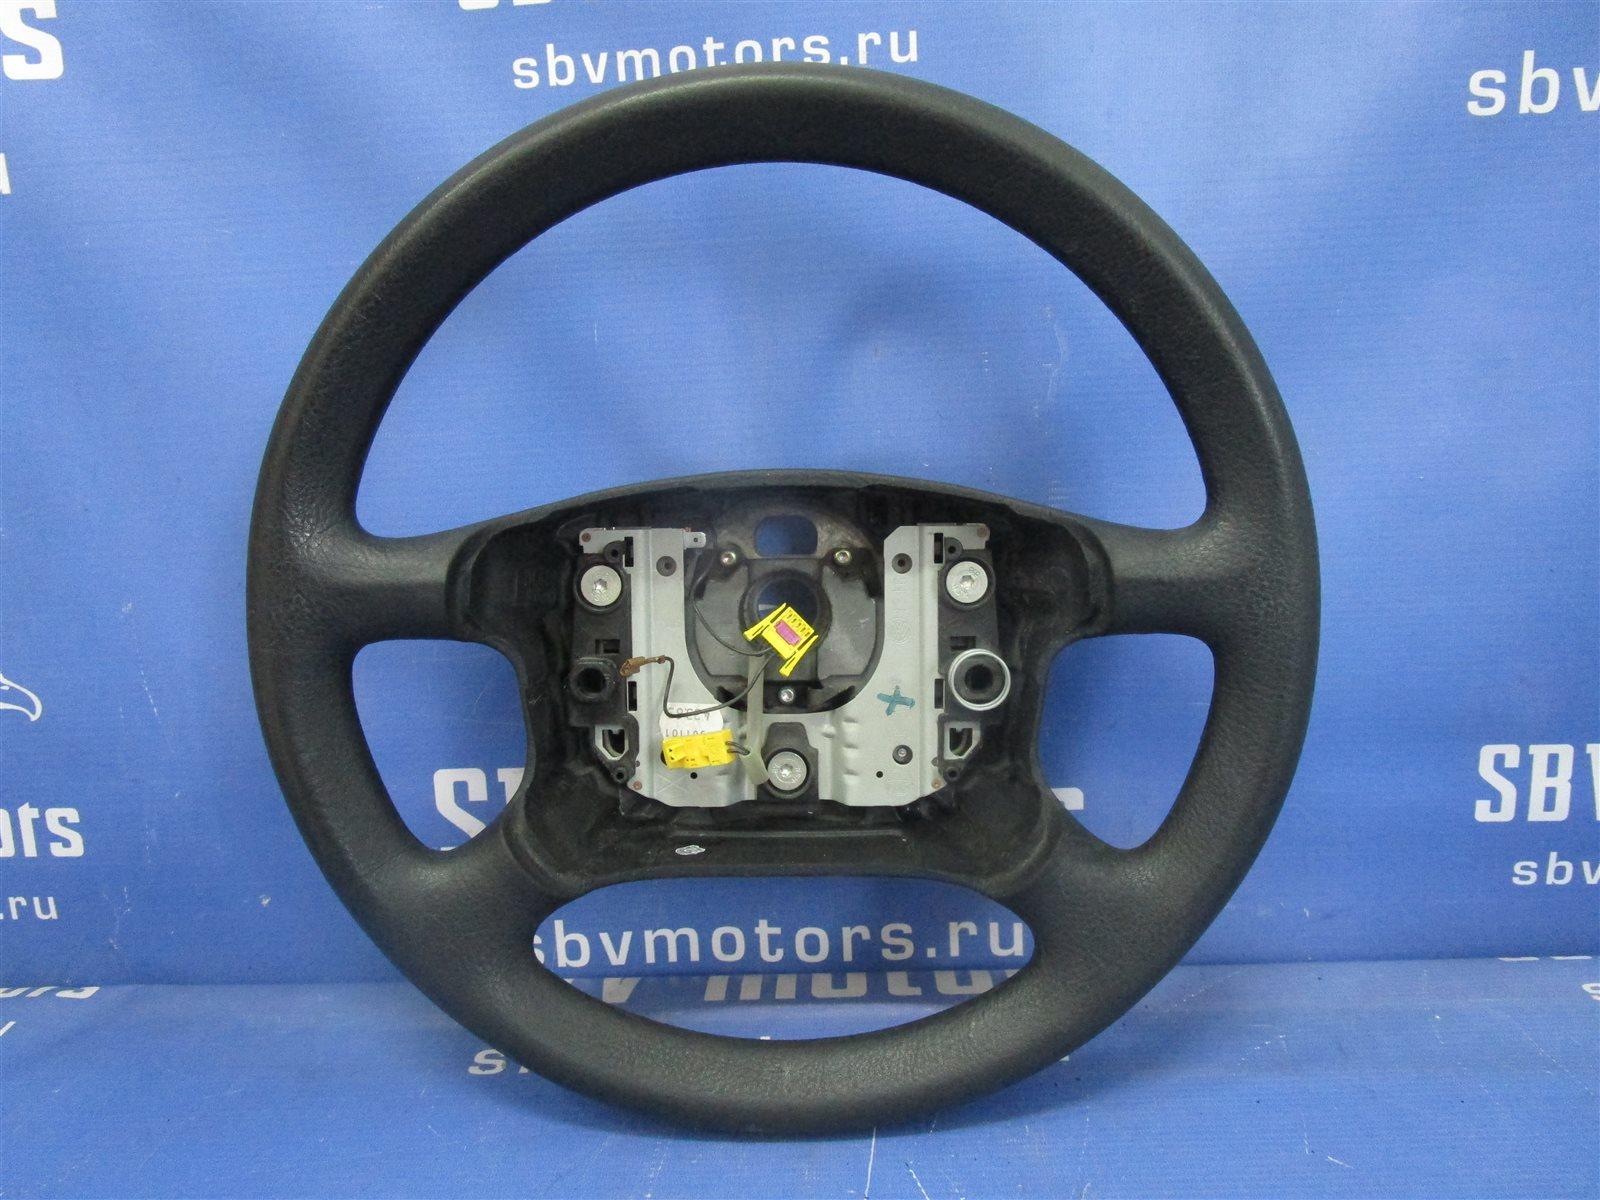 Руль Volkswagen Golf 4 1JAEH APK 2002